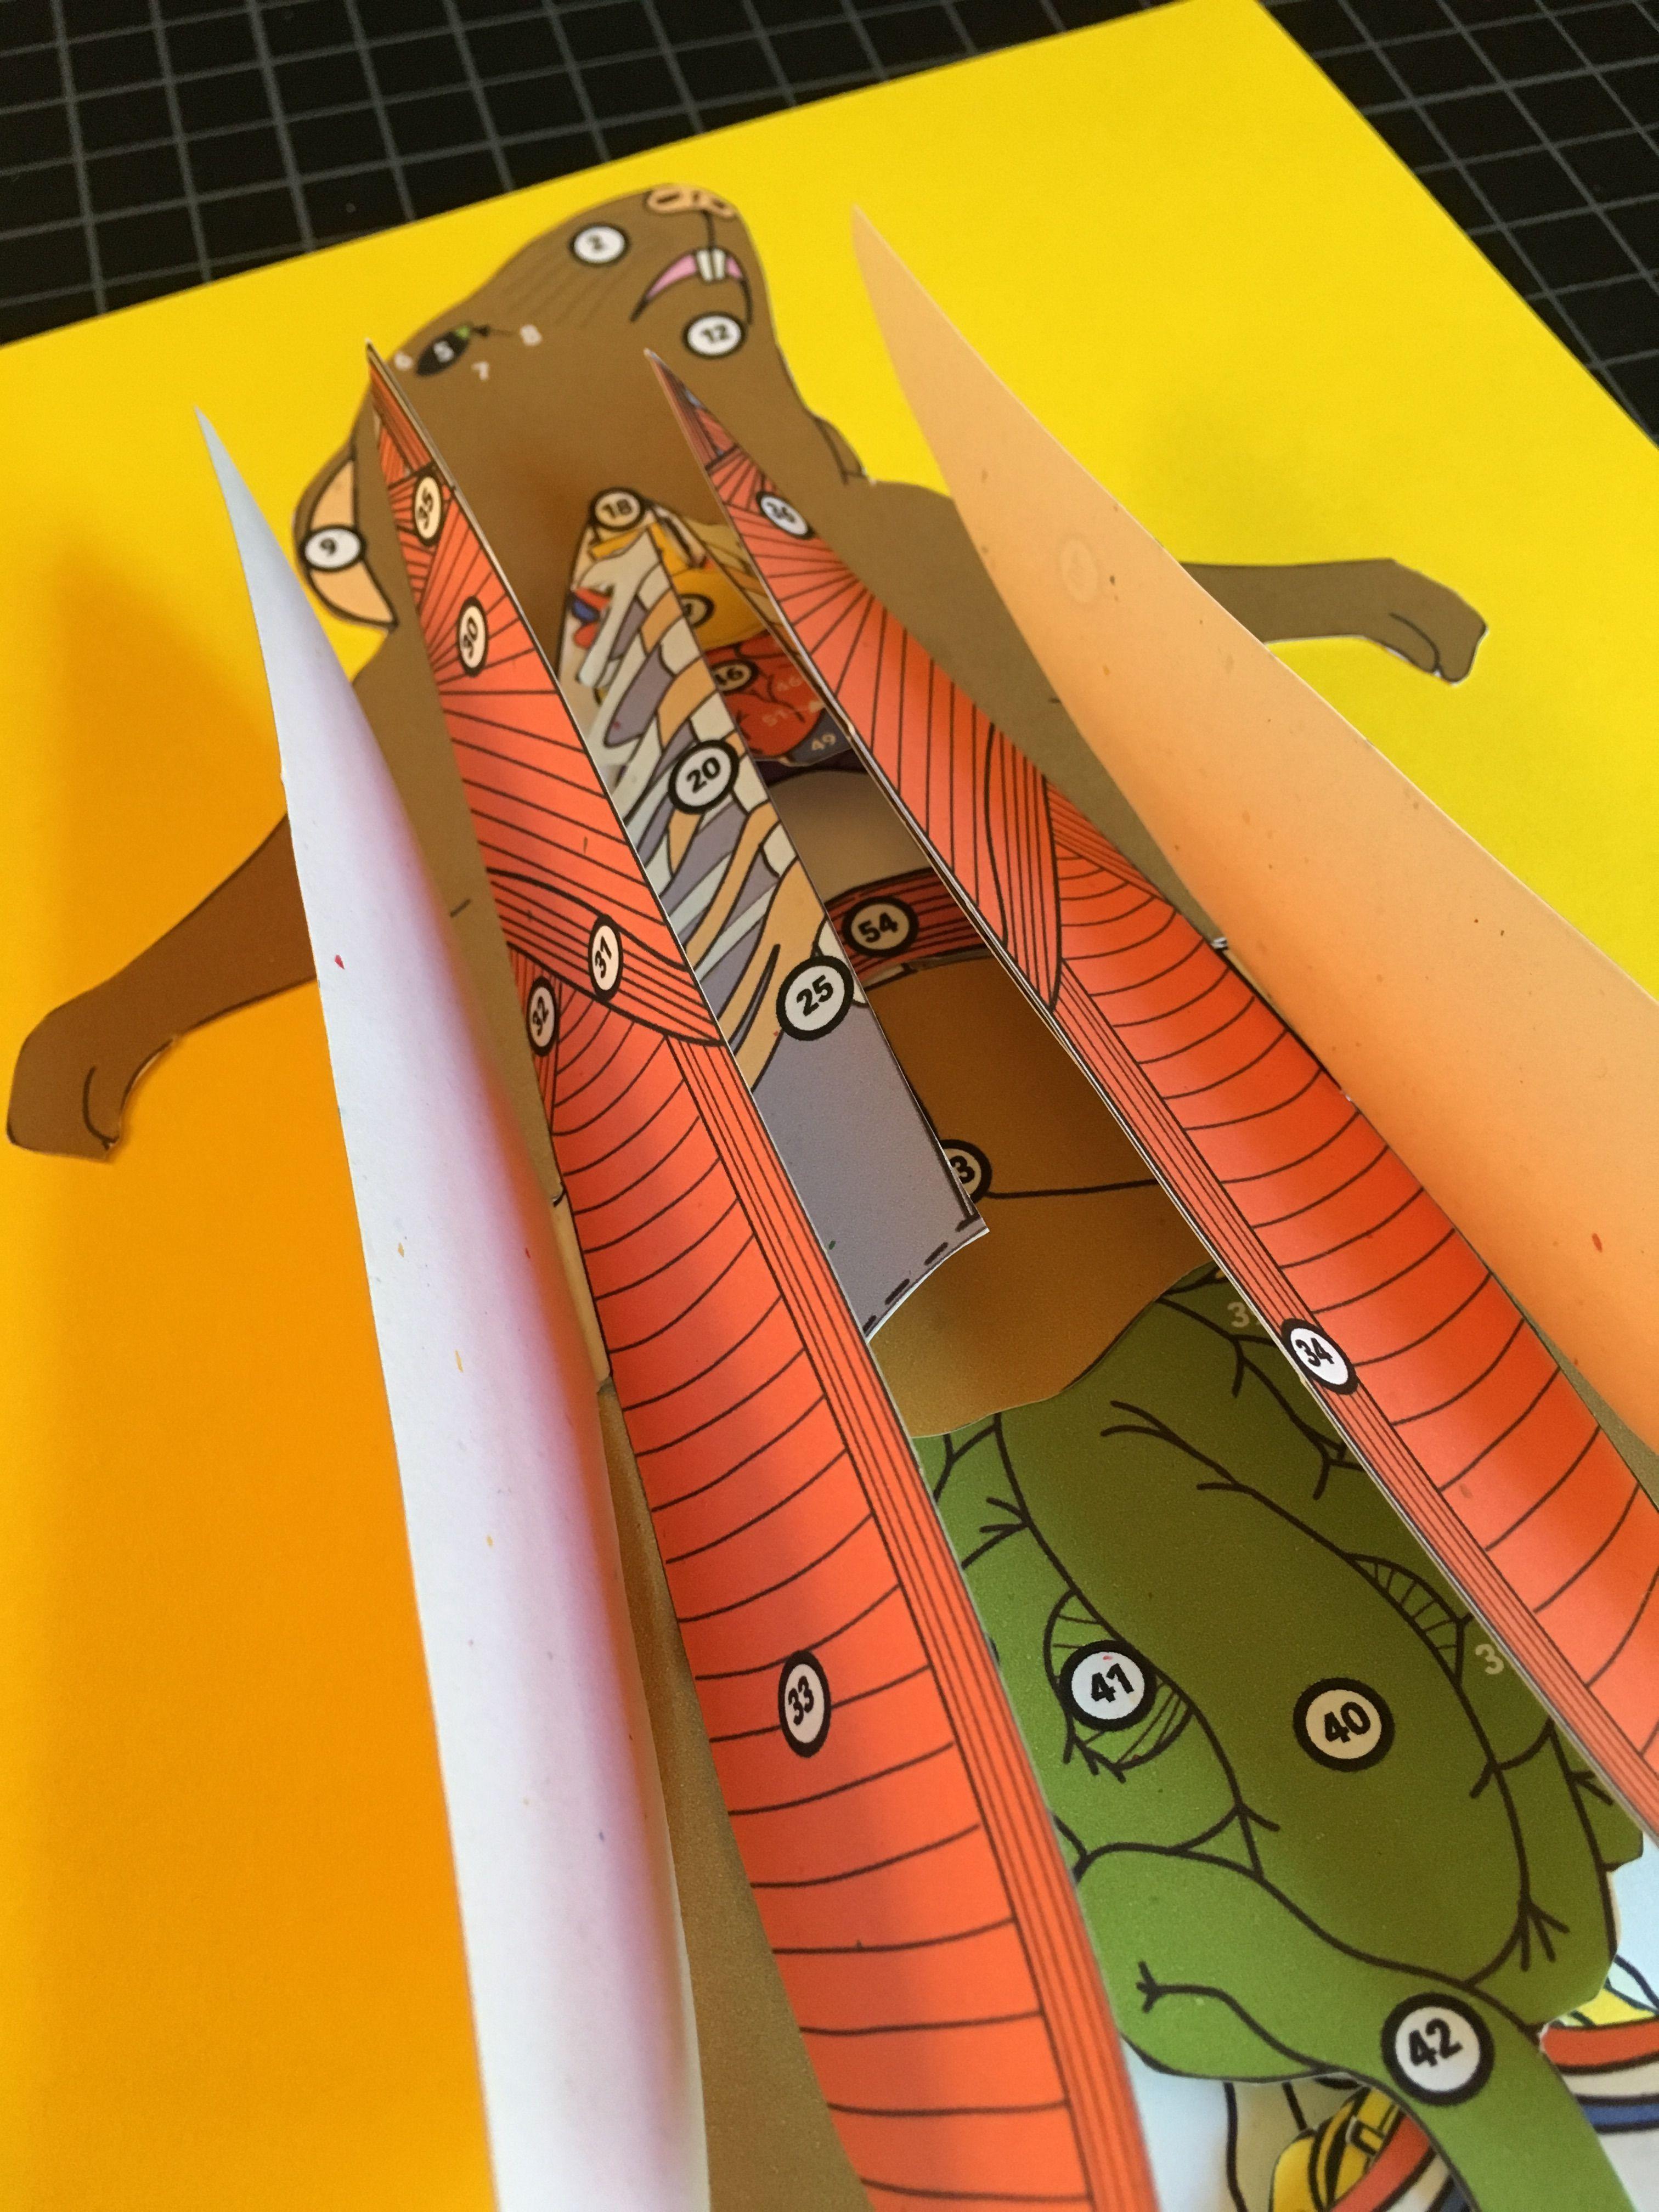 Rat Paper Dissection